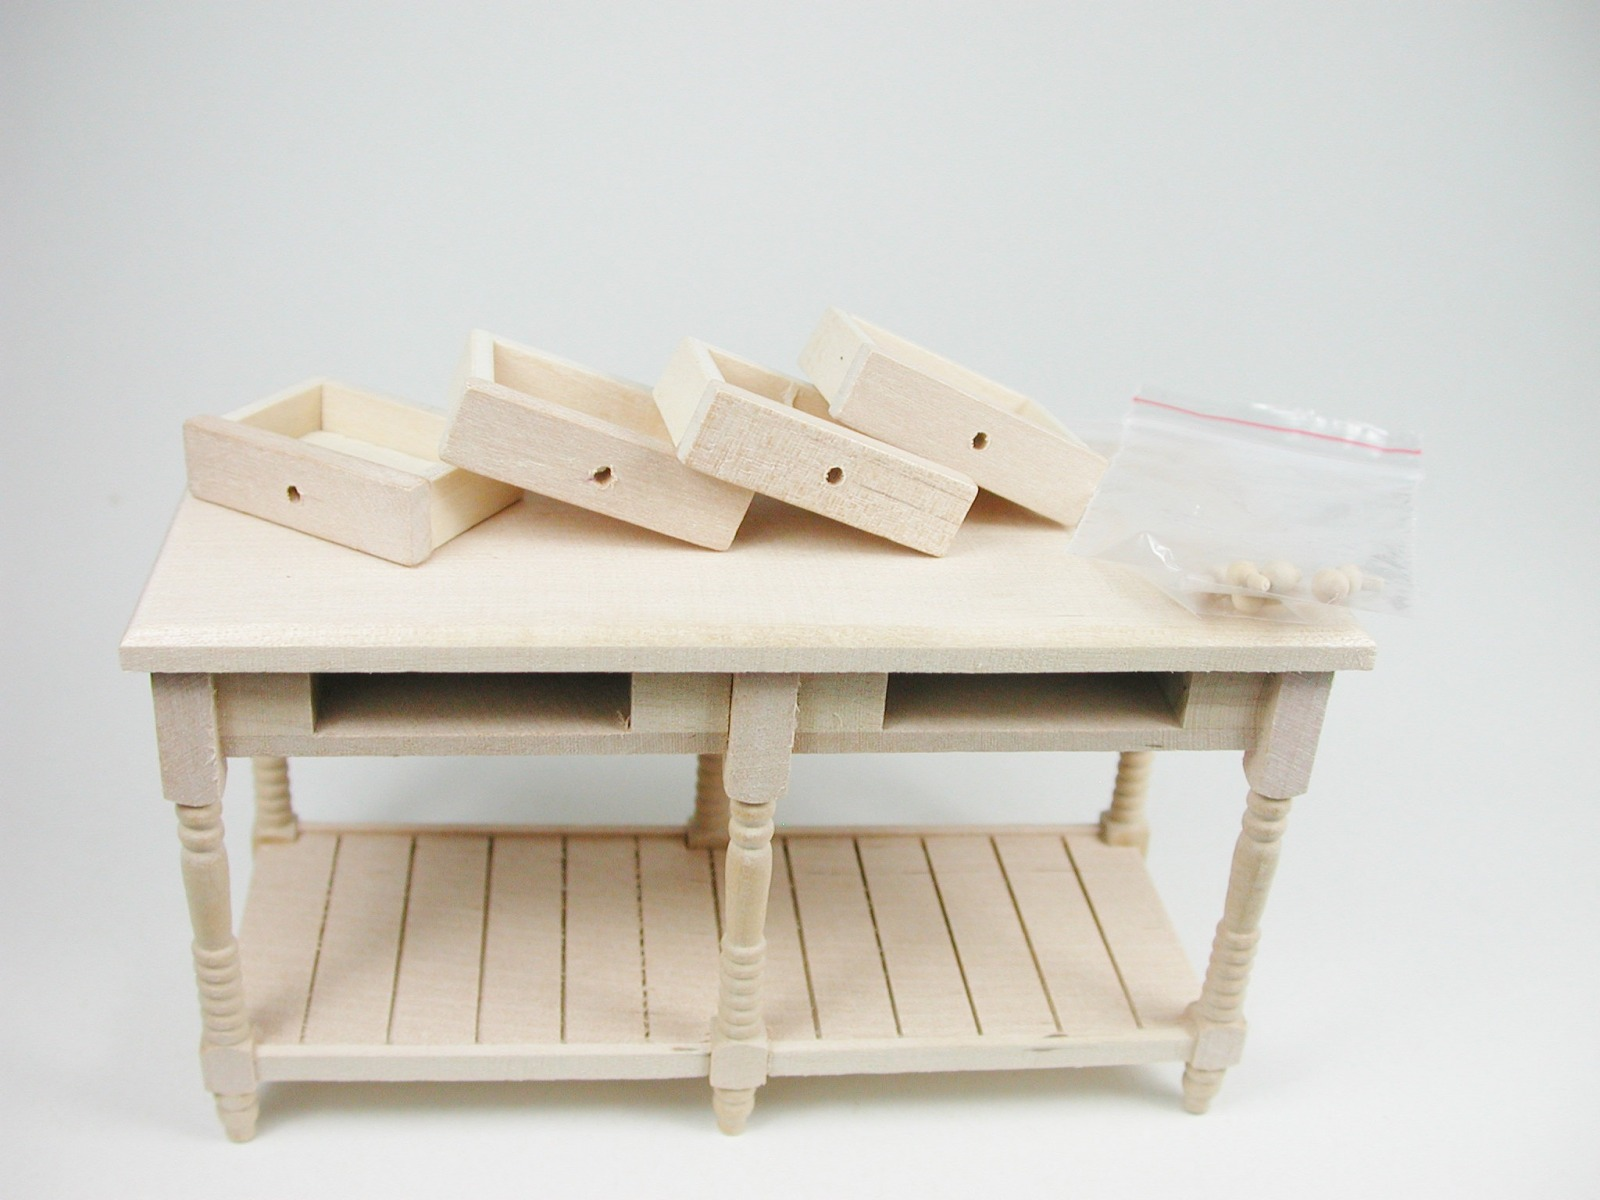 Rustikaler Küchentisch mit vier Schubladen mit